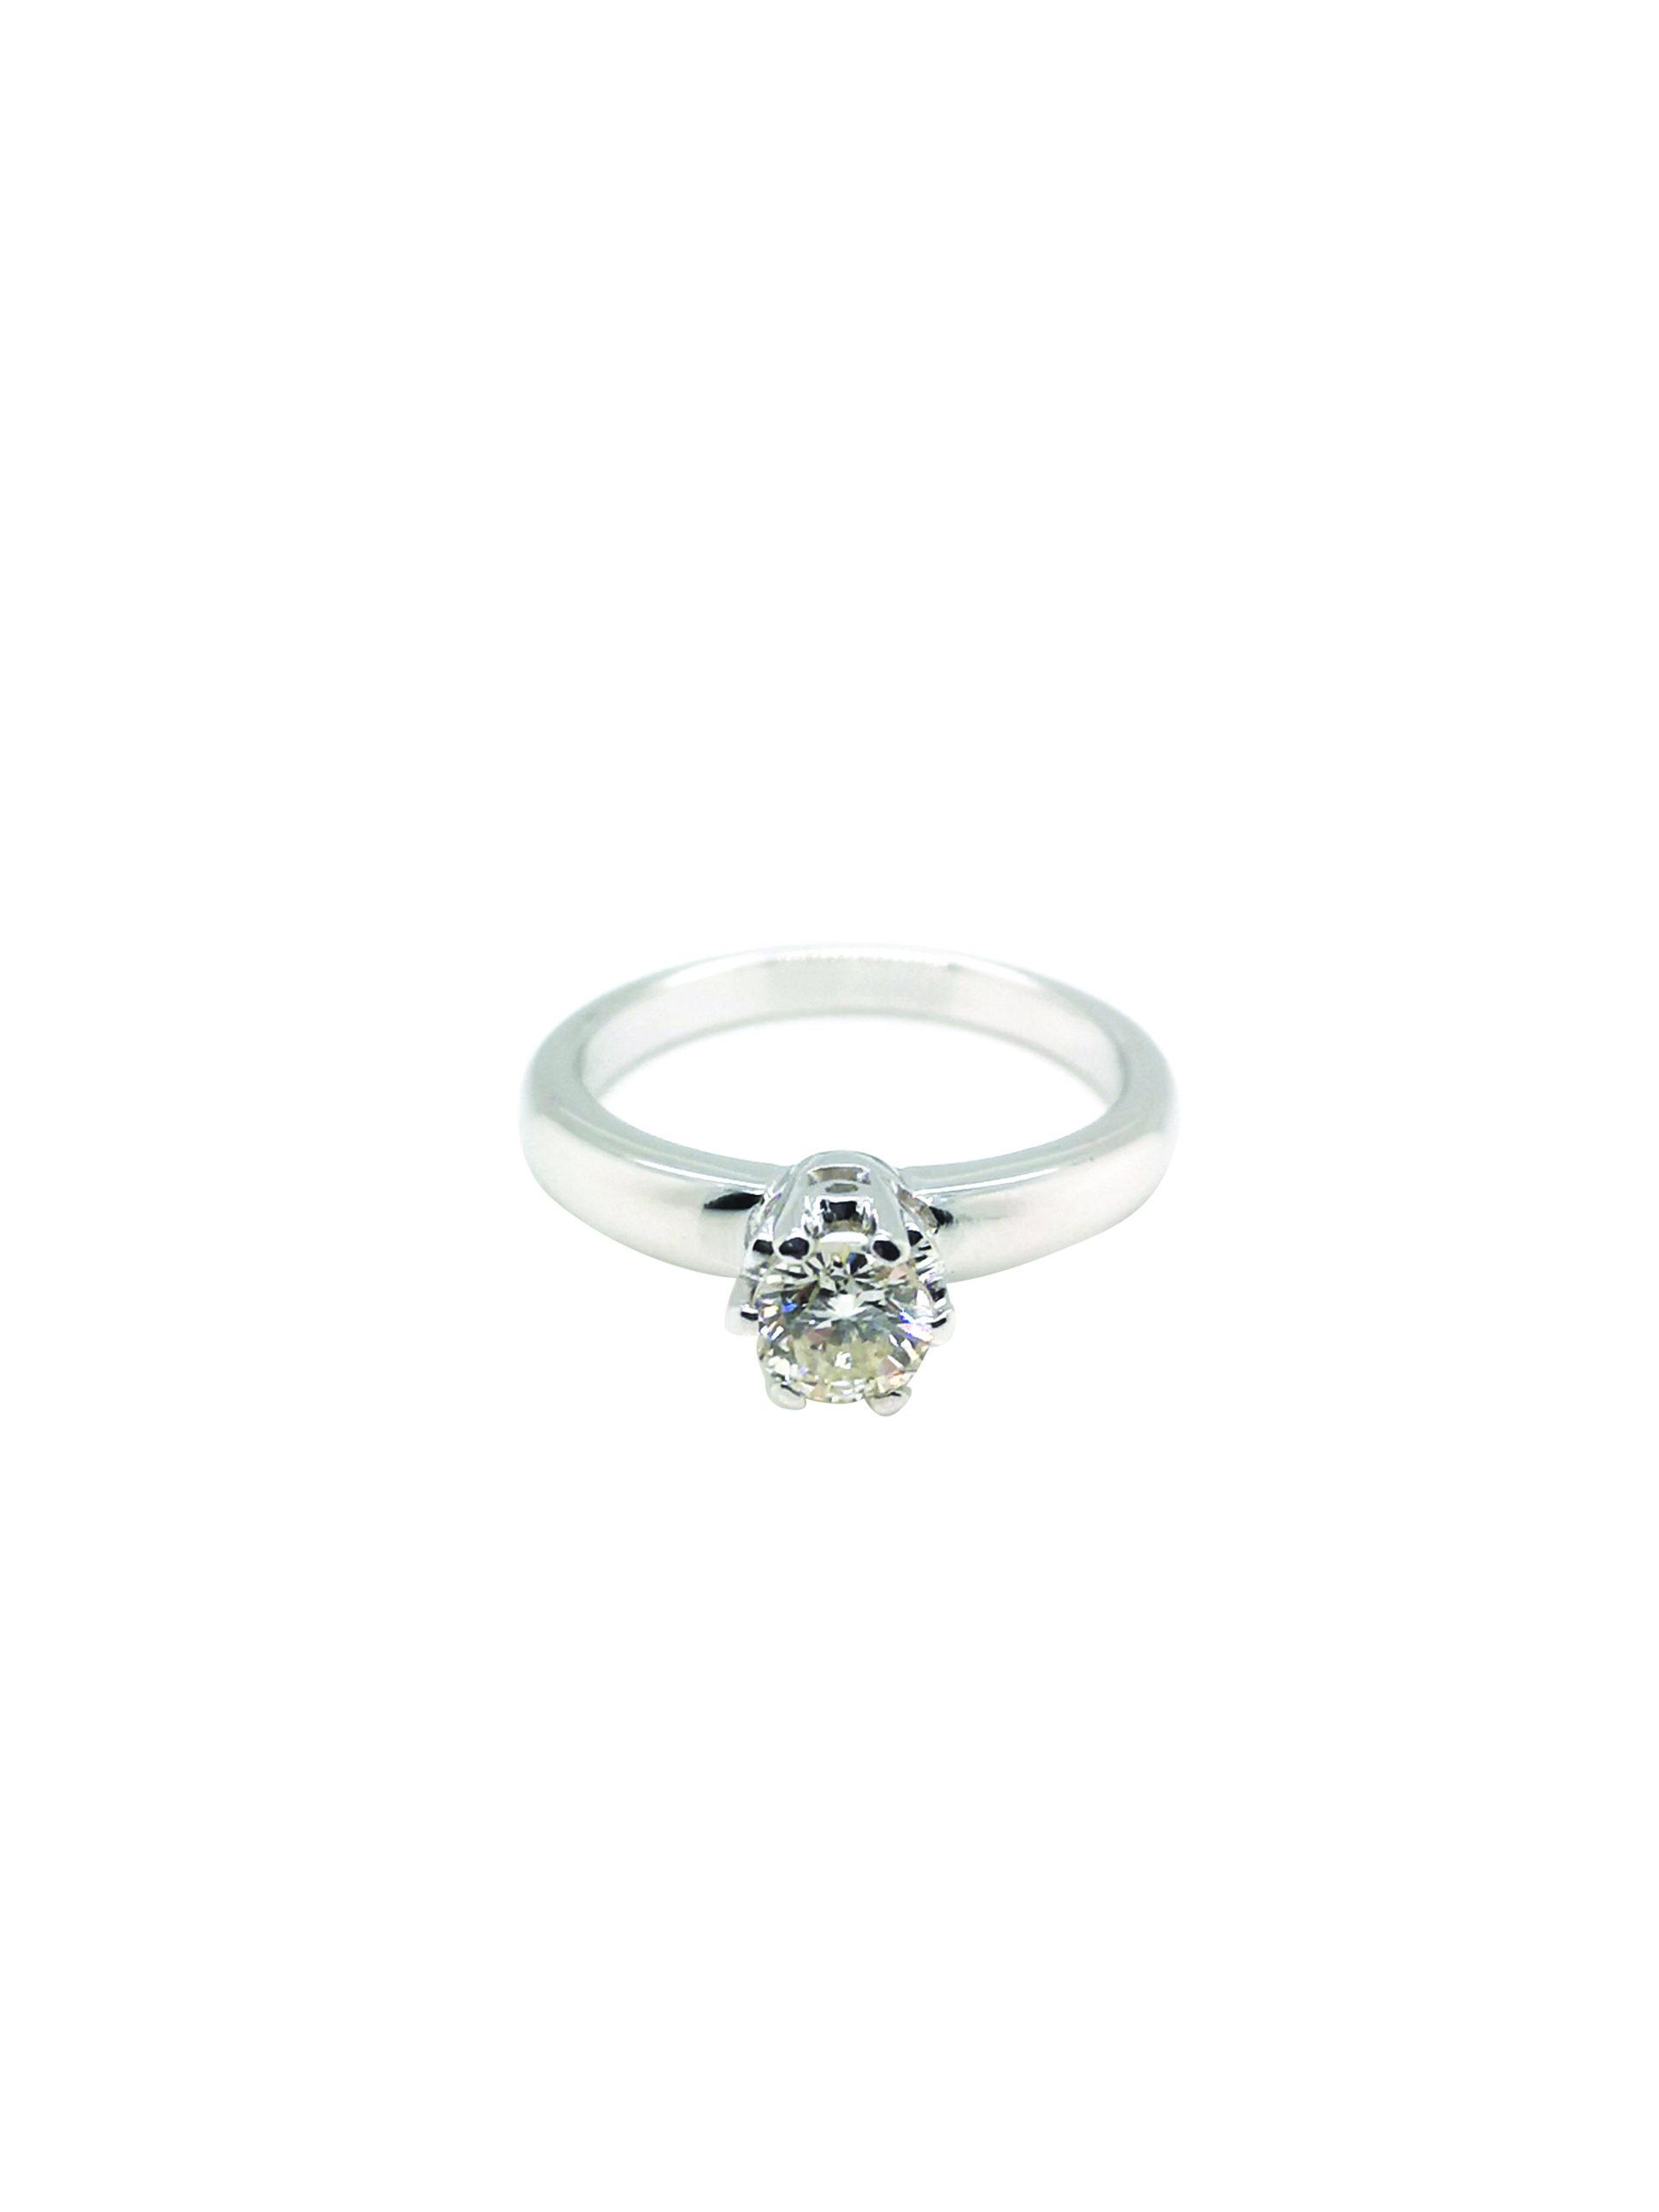 PT950 Diamond Ring